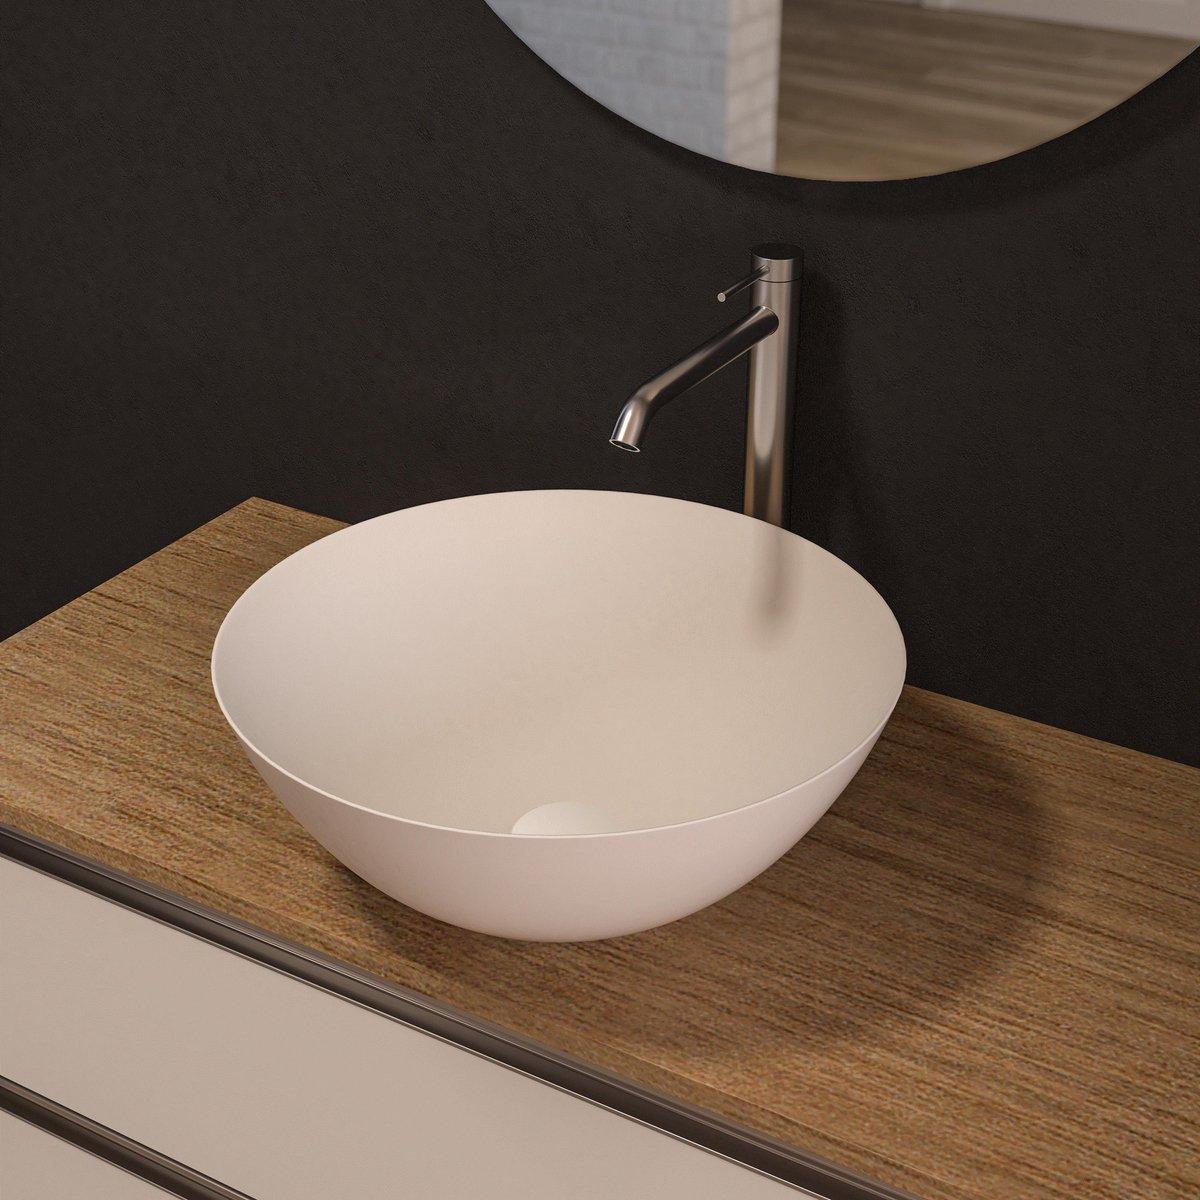 Wastafel / Wasbak -opbouw - wit - rond- keramiek - zonder overloop - 41x41x15cm